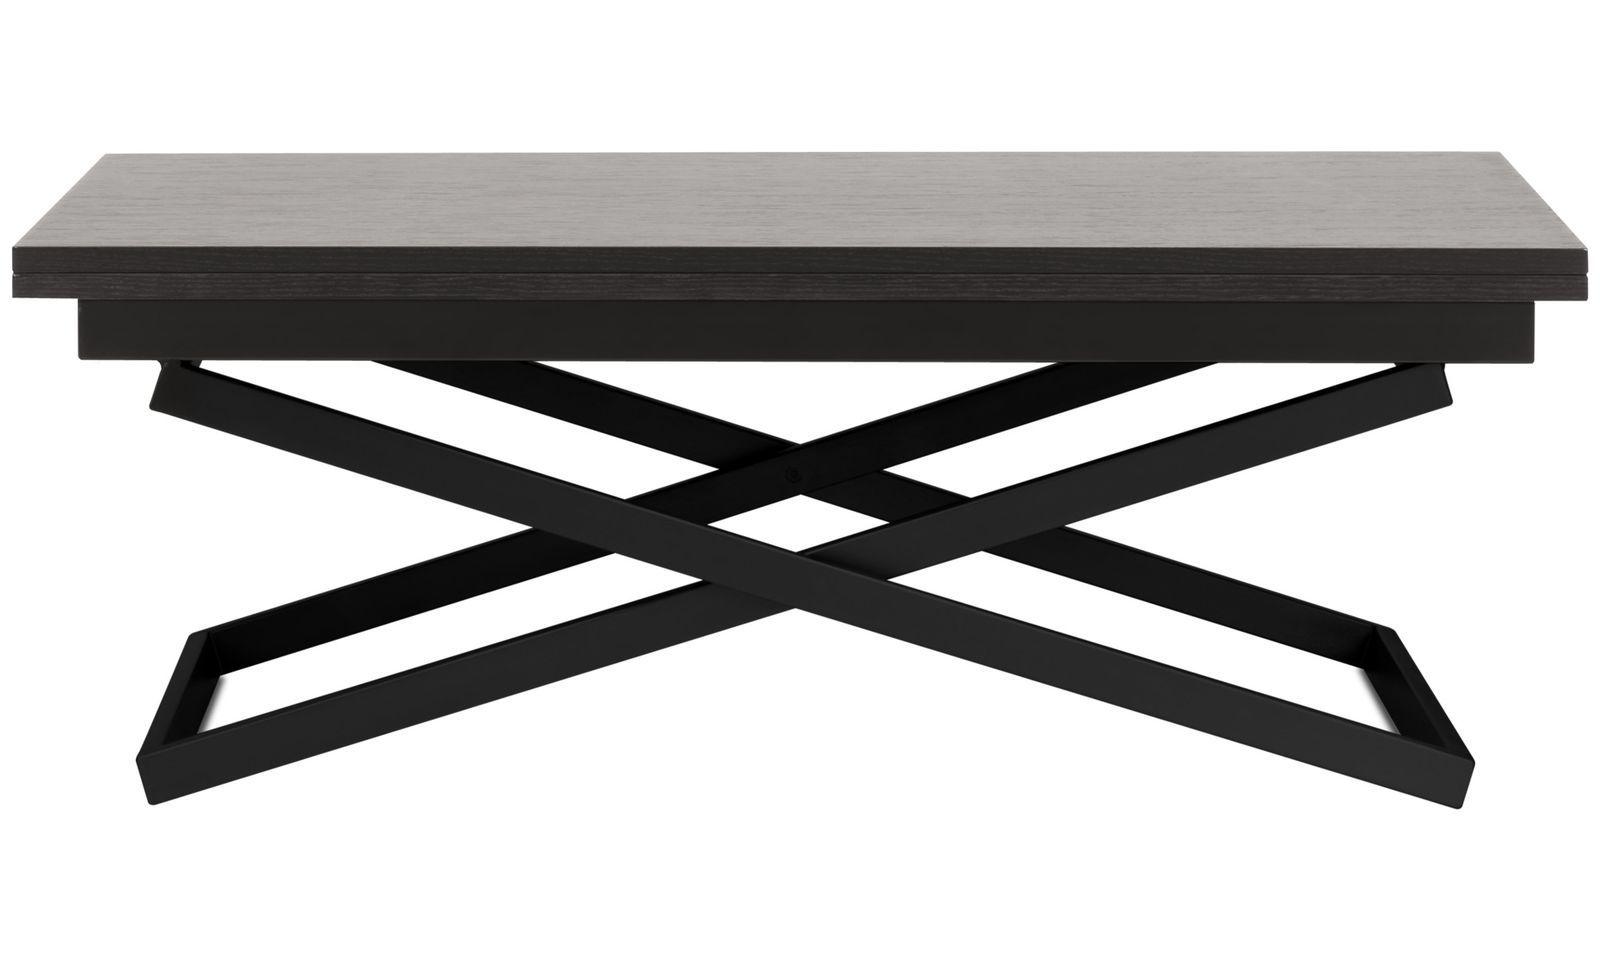 Couchtische Rubi Verstellbarer Tisch In Hohe Und Grosse Rechteckig Schwarz Eiche Verstellbarer Tisch Tisch Hohenverstellbar Couchtisch Design